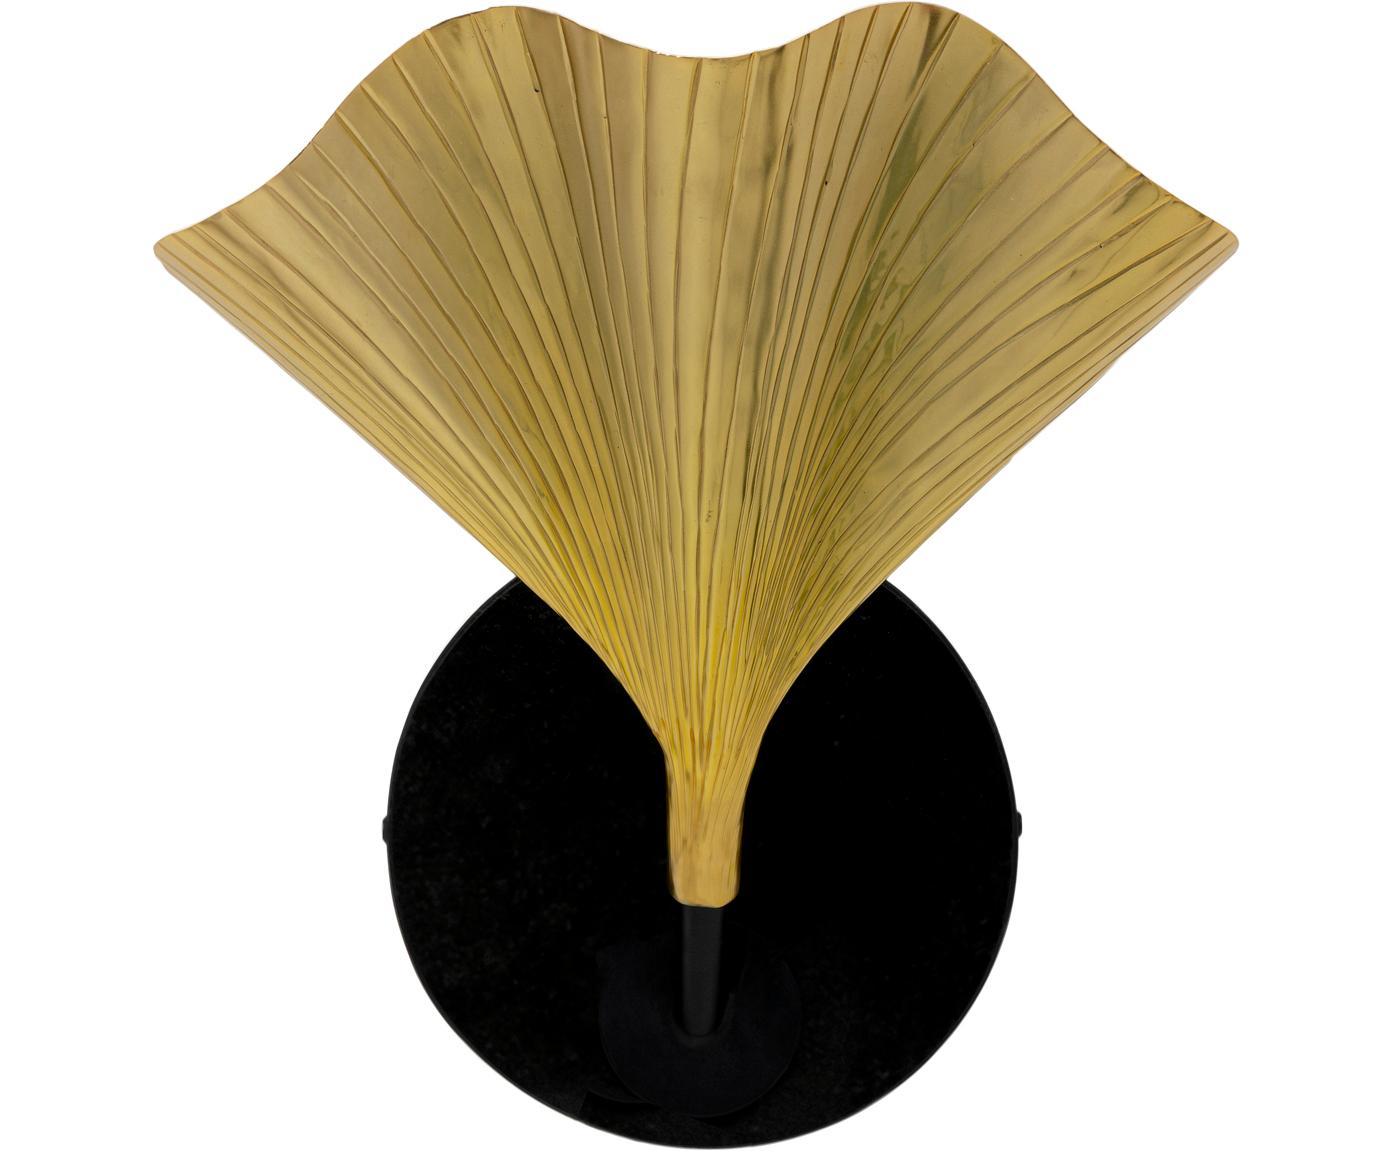 Nástěnné svítidlo Ginkgo, Zlatá, černá